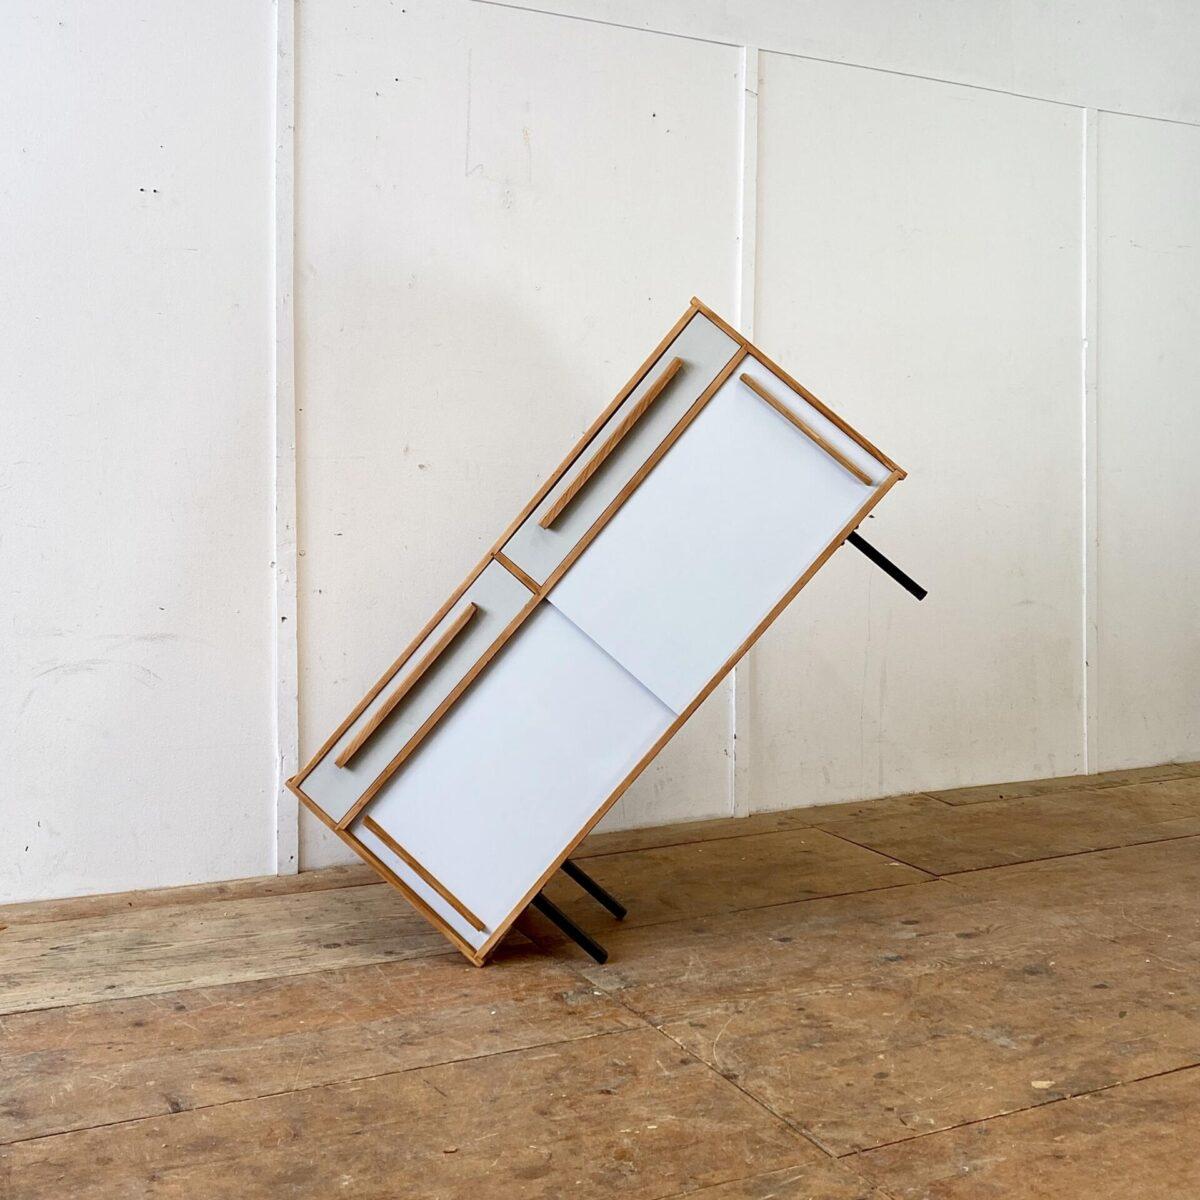 Deuxieme.shop Helles Tannenholz Sideboard mit Schiebetüren und Schubladen. 120x40cm Höhe 67cm. Die Kommode steht auf schwarz lackierten Metallfüssen. Die Holzelemente sind geschliffen und geölt. Die Farbe der Schiebetüren sind leicht heller als die Schubladenfronten.